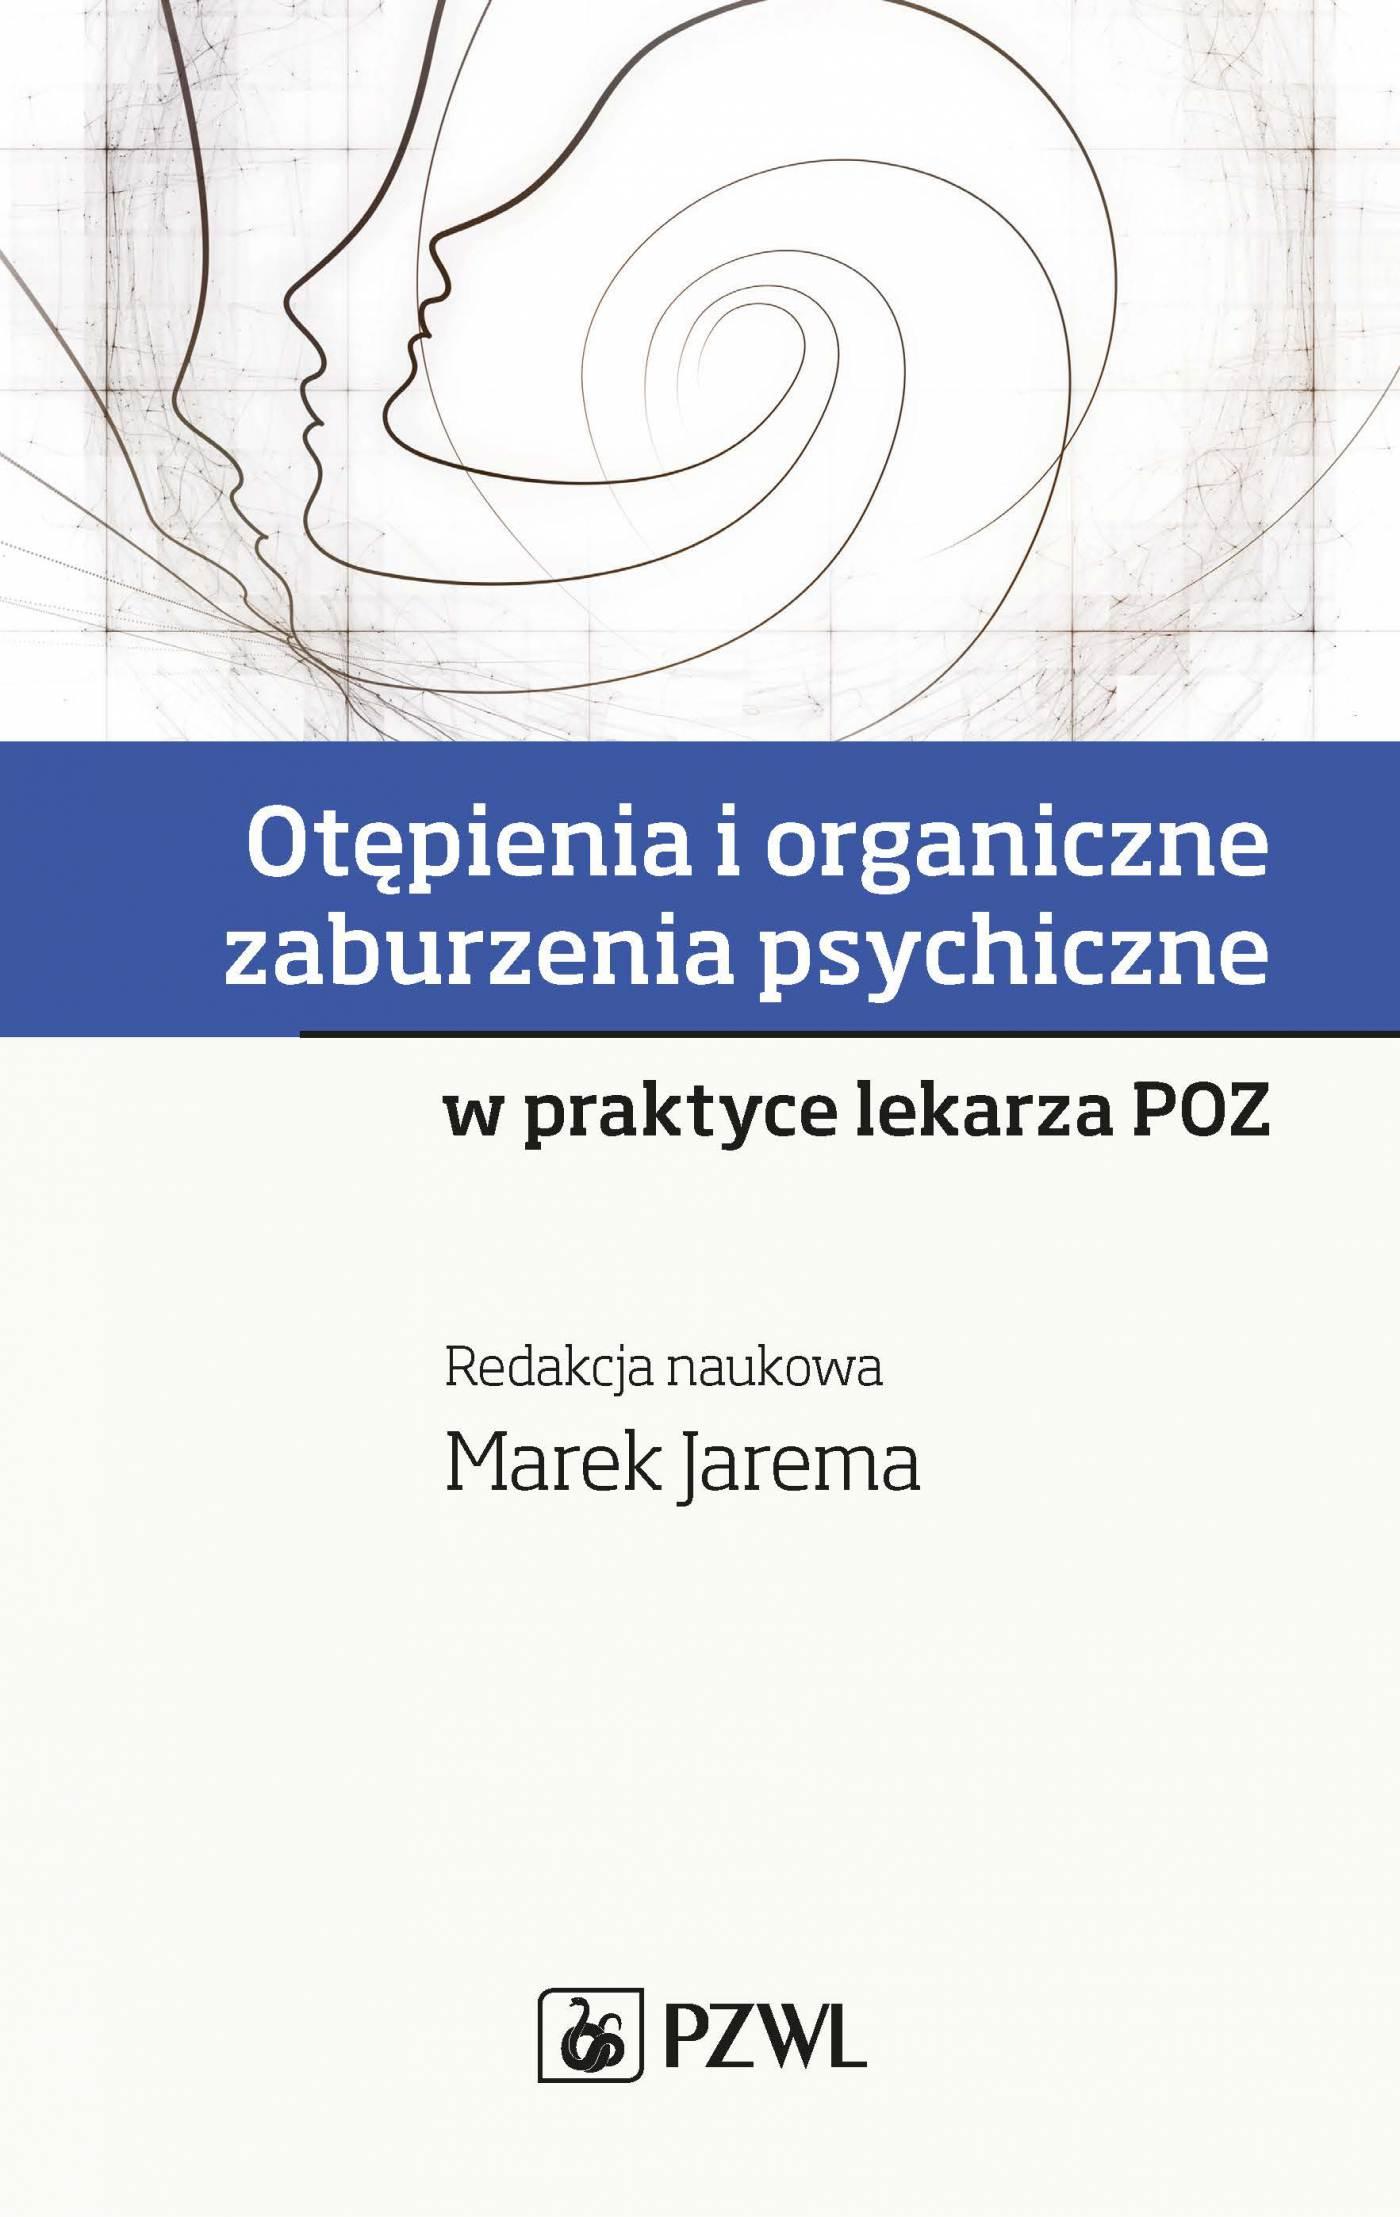 Otępienia i organiczne zaburzenia psychiczne w praktyce lekarza POZ - Ebook (Książka EPUB) do pobrania w formacie EPUB